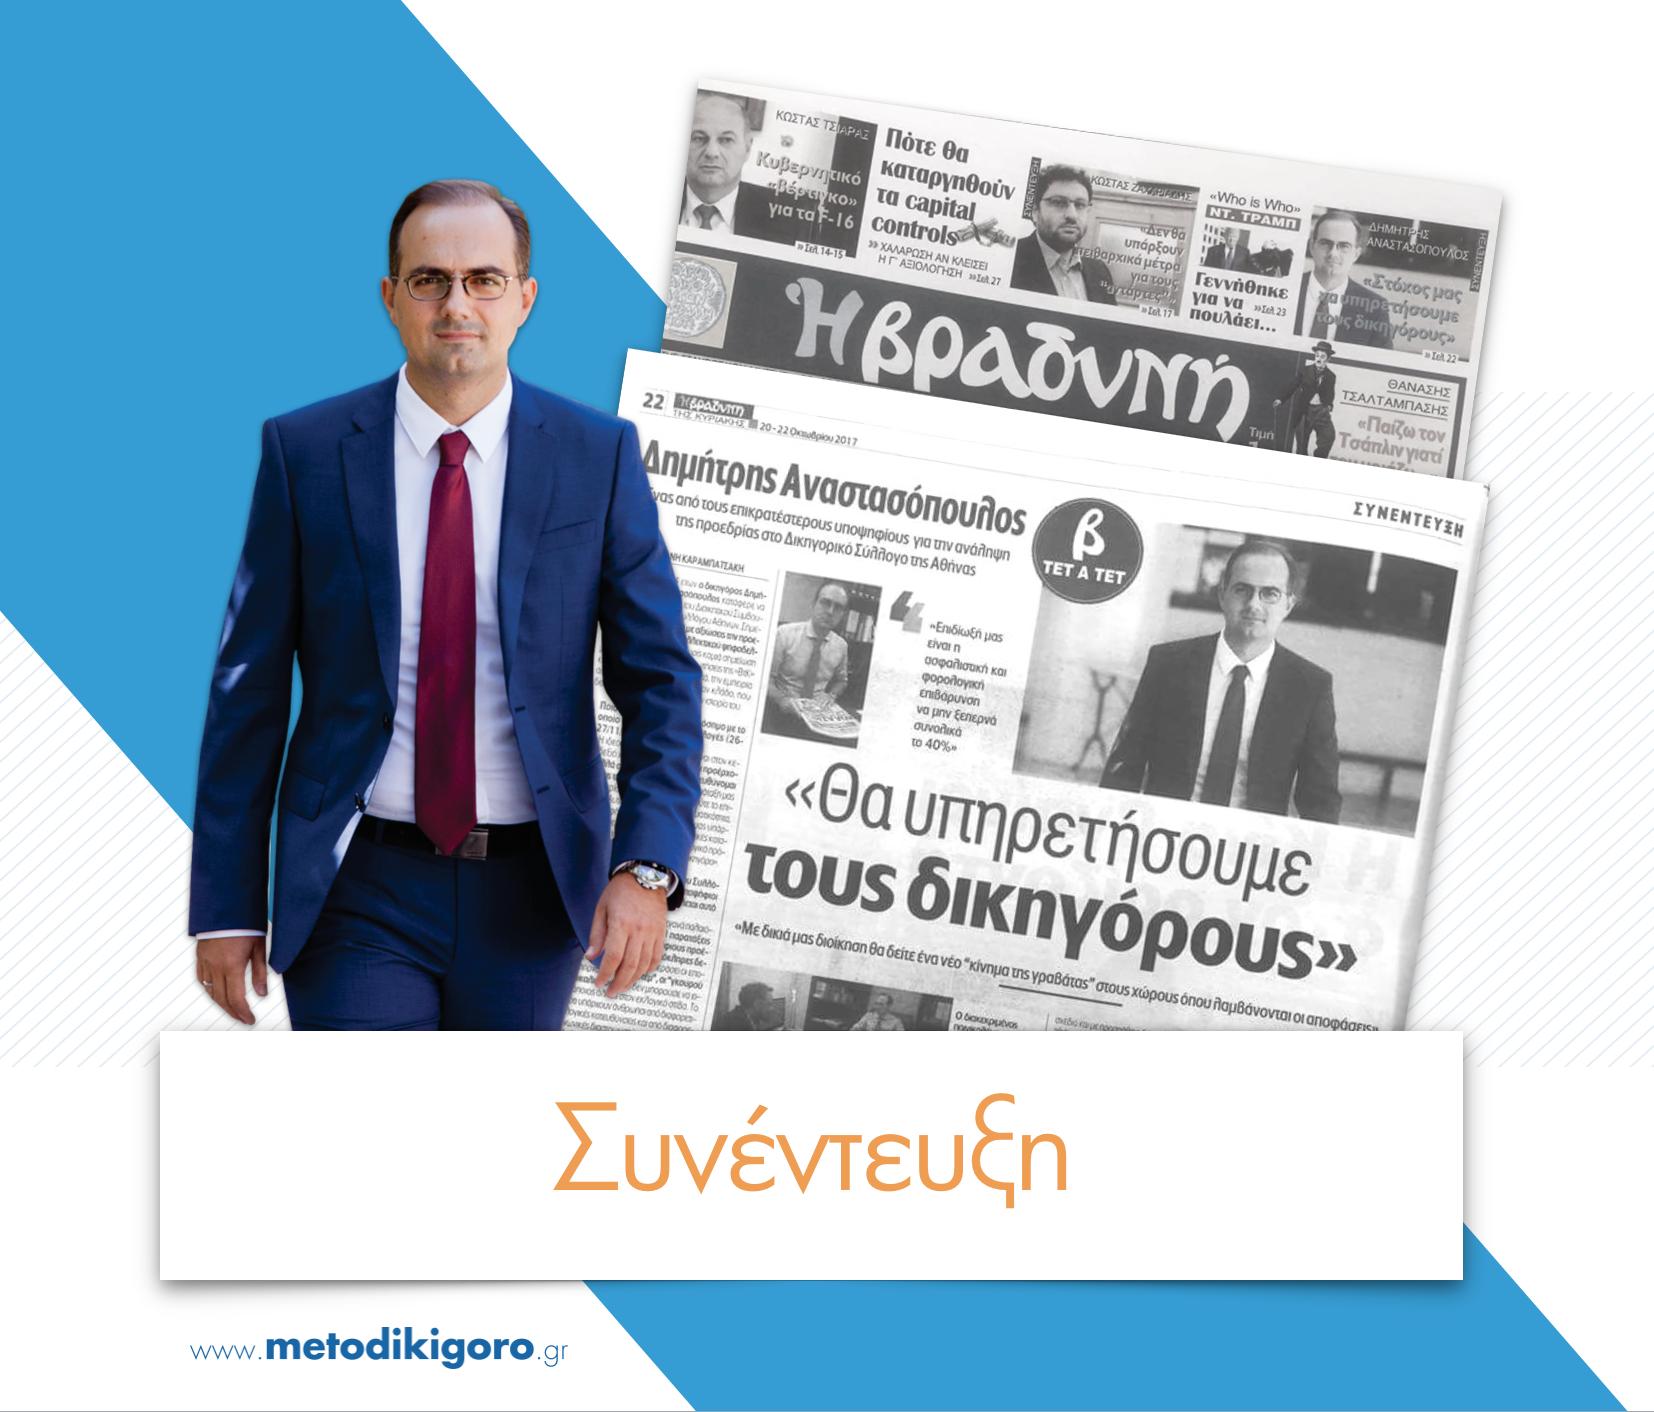 «Θα υπηρετήσουμε τον δικηγόρο» – Συνέντευξη του Υποψηφίου Προέδρου ΔΣΑ, Δημήτρη Αναστασόπουλου, στη Βραδυνή